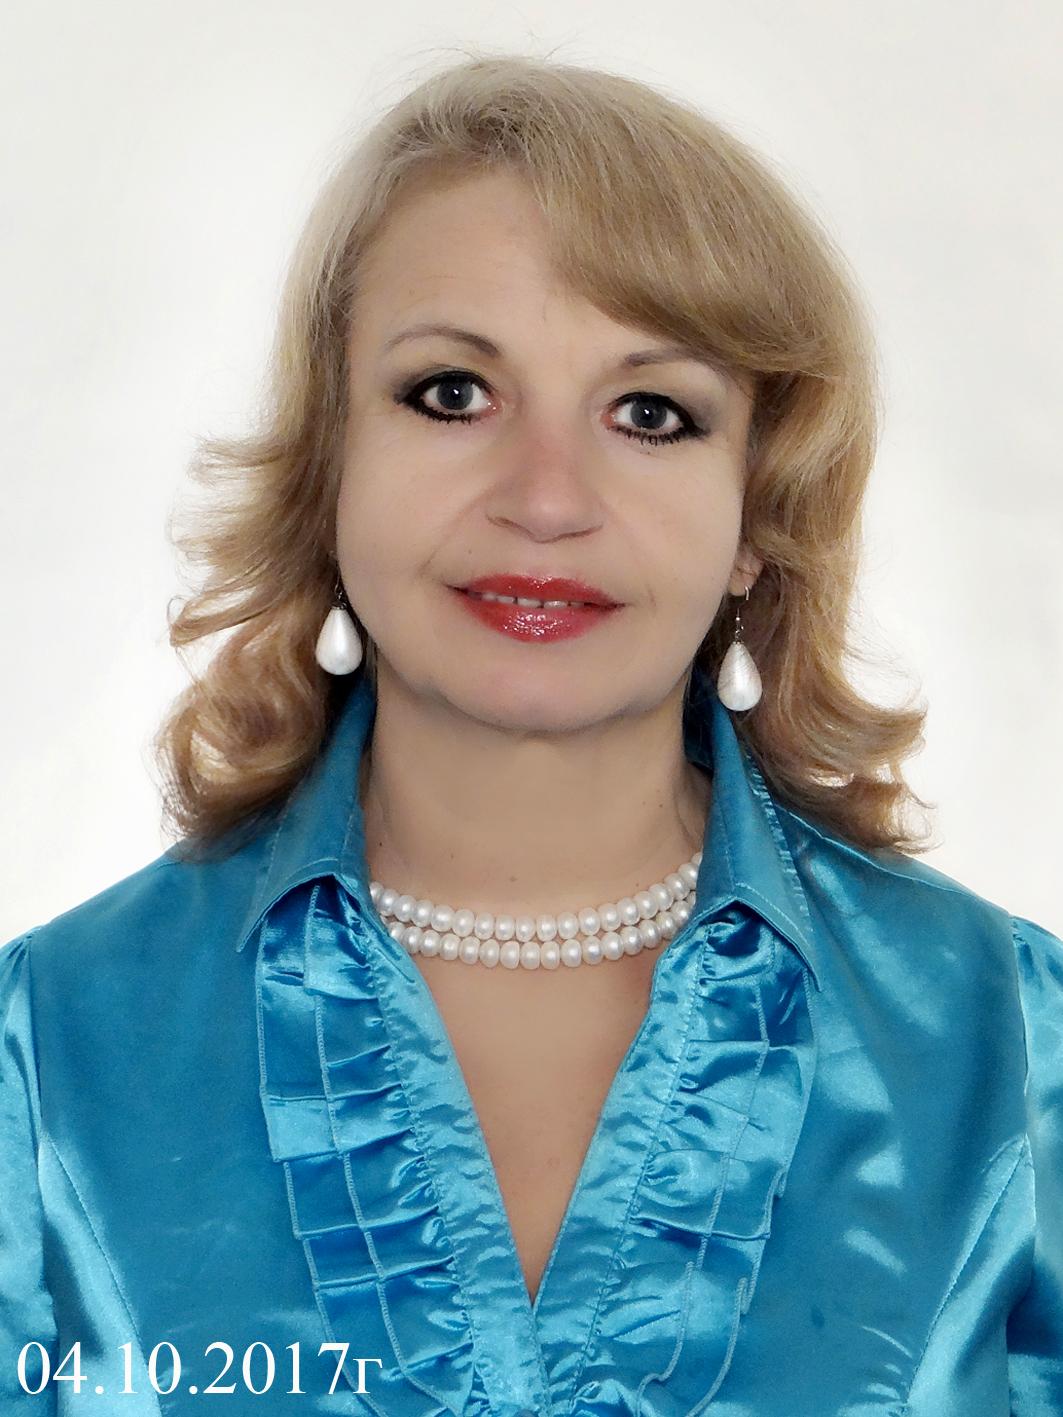 Смотреть узбек прикол бесплатно онлайн